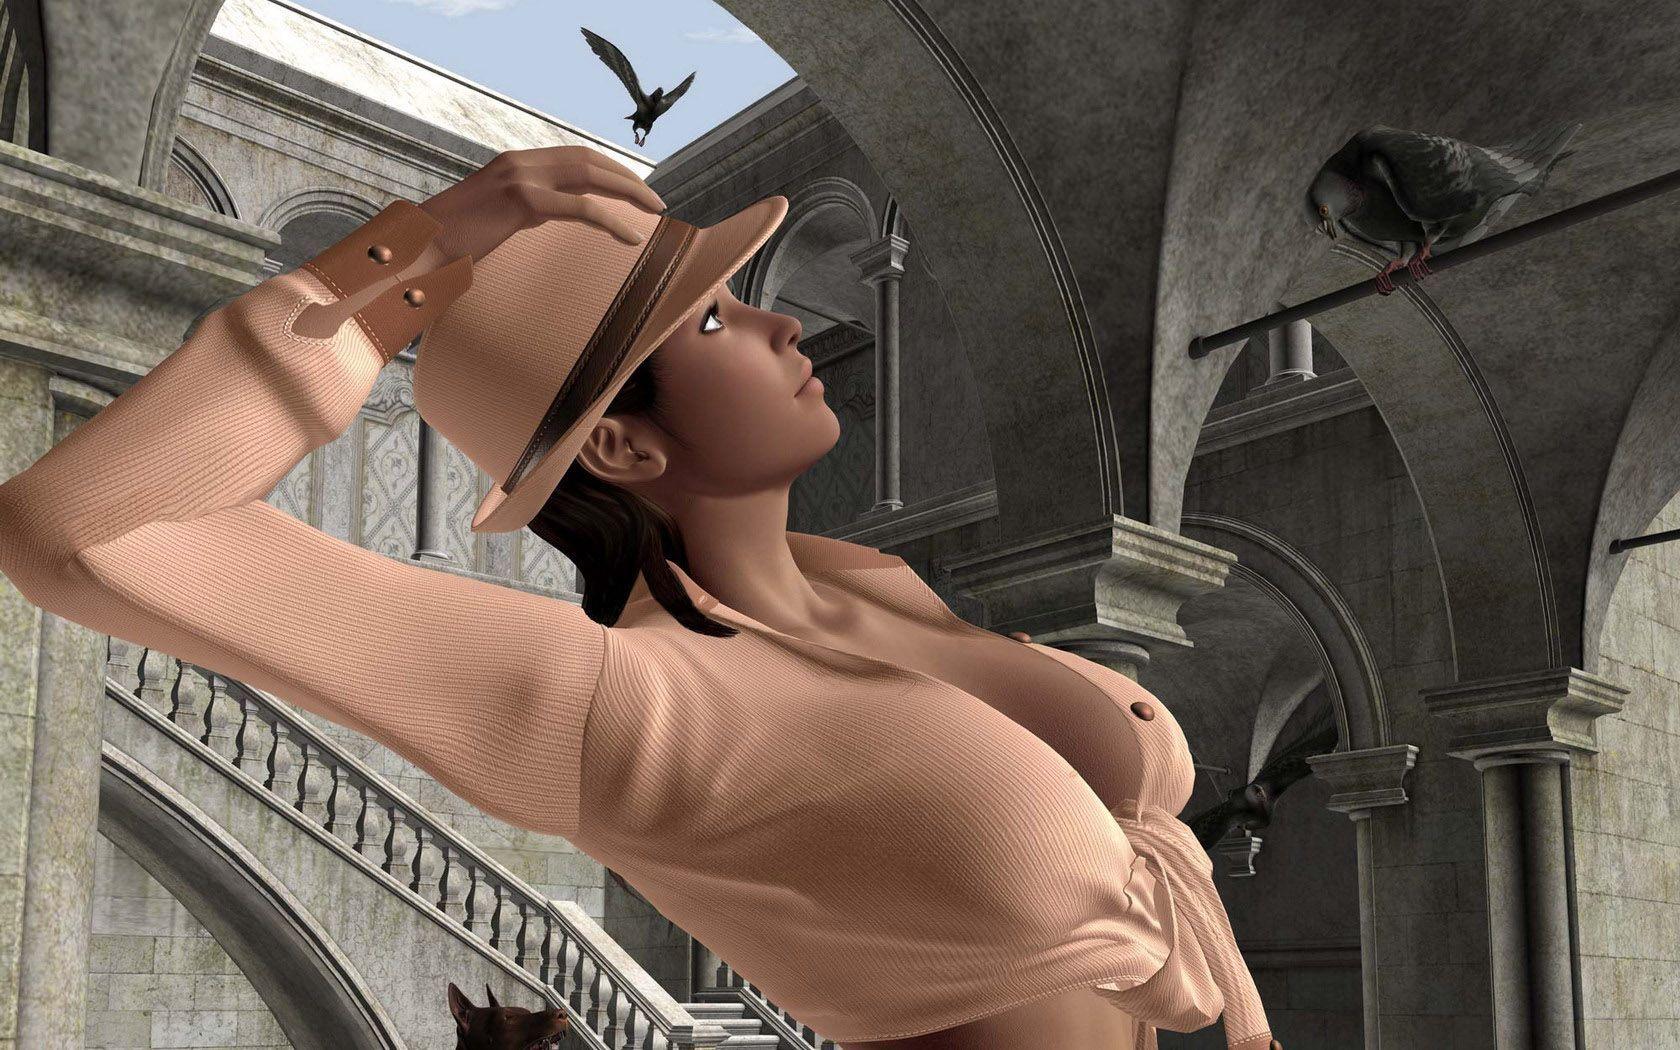 Hot girl 3d torrent xxx scenes